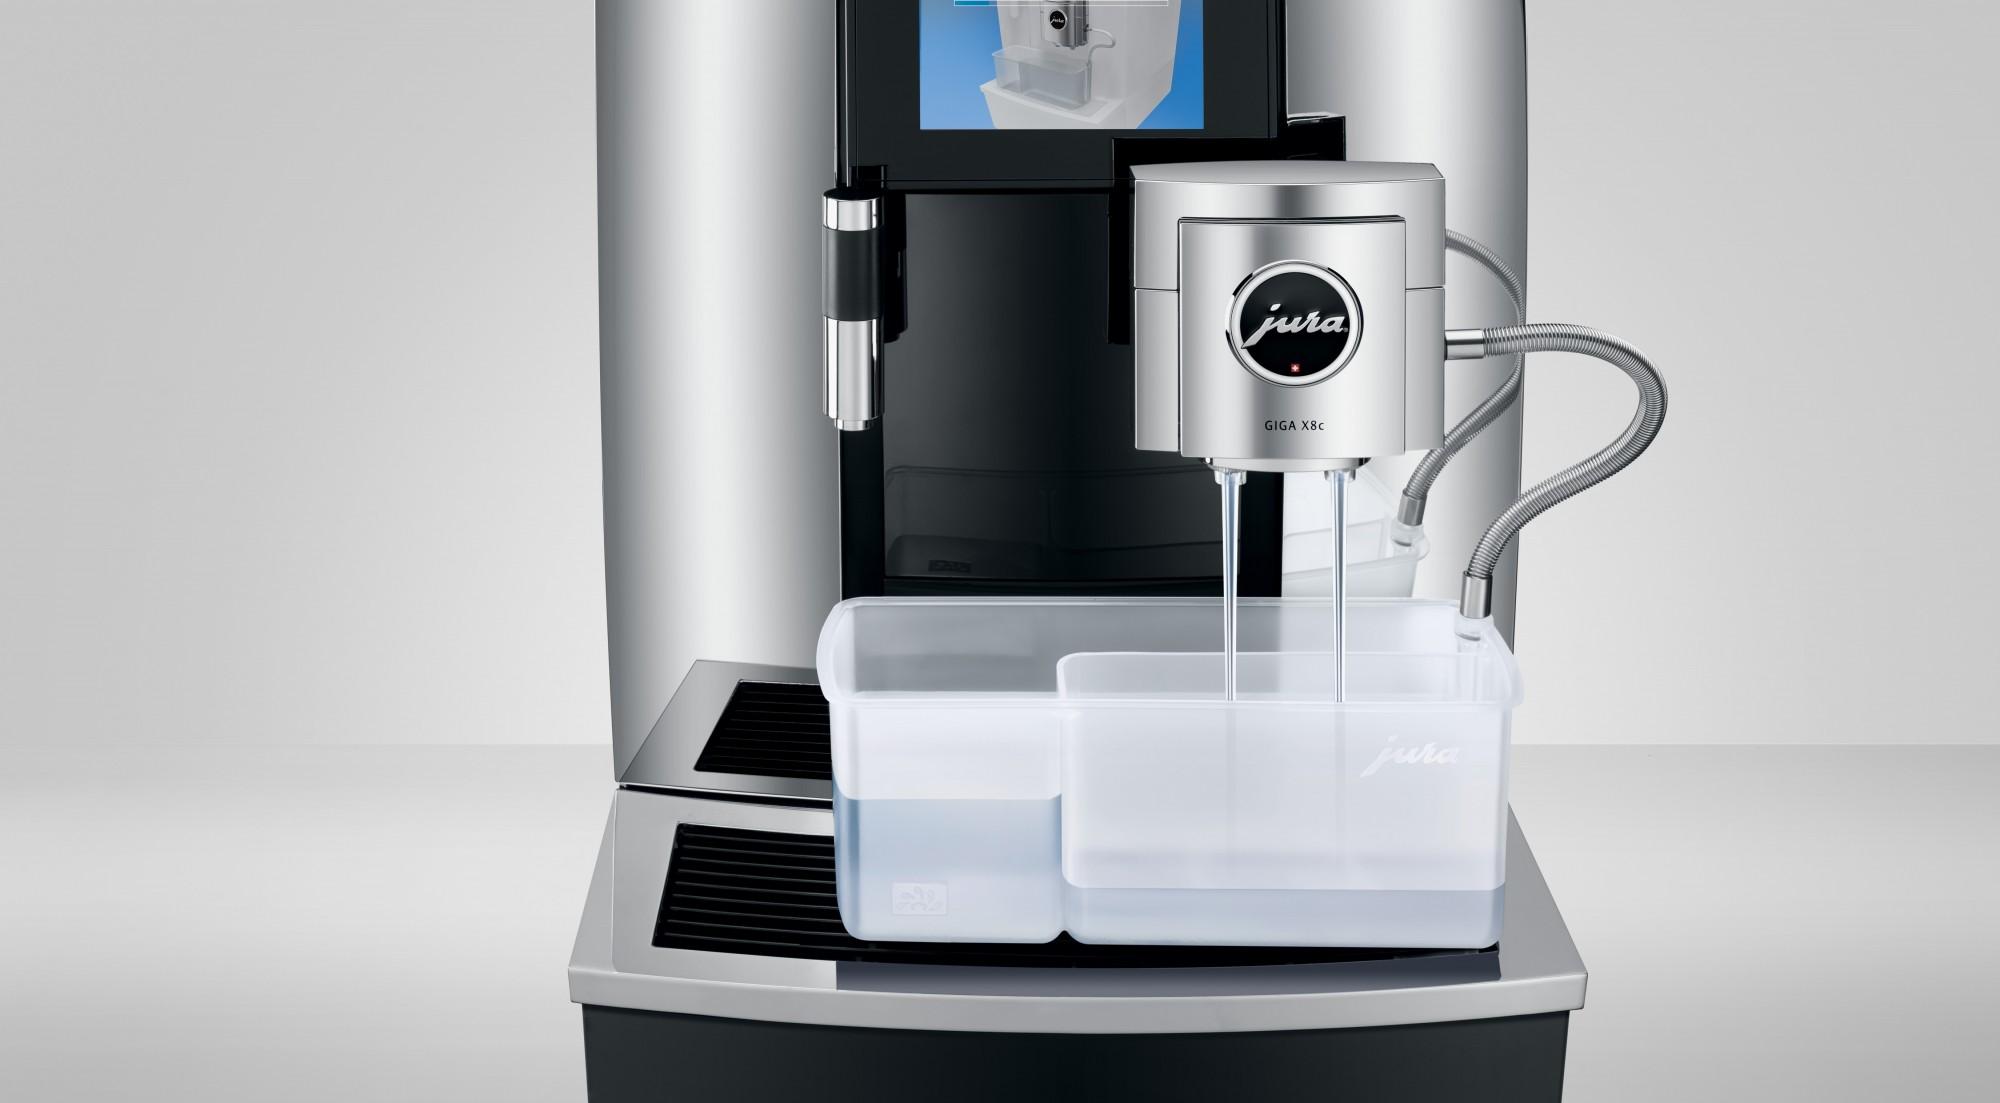 Het volautomatisch reinigen van het melksysteem van de koffiemachines voor kantoor